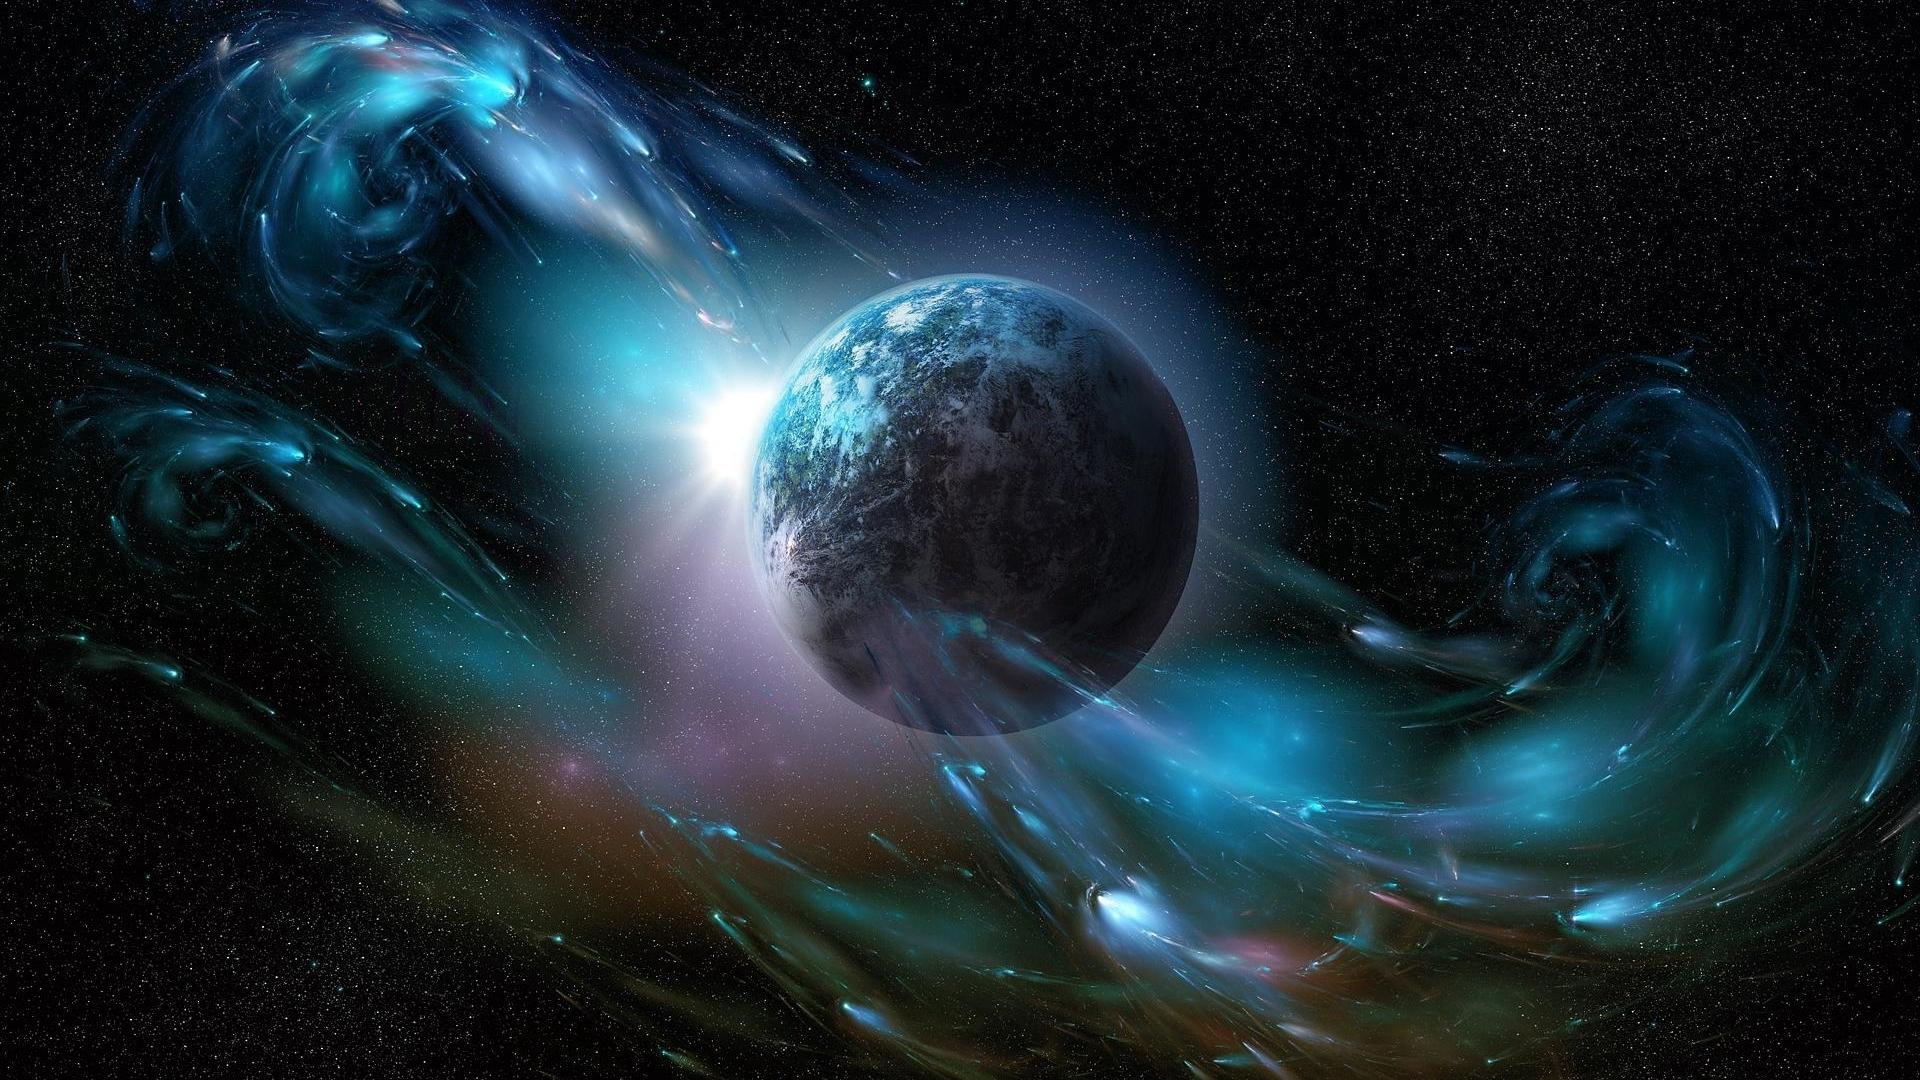 космос, планеты, скачать фото